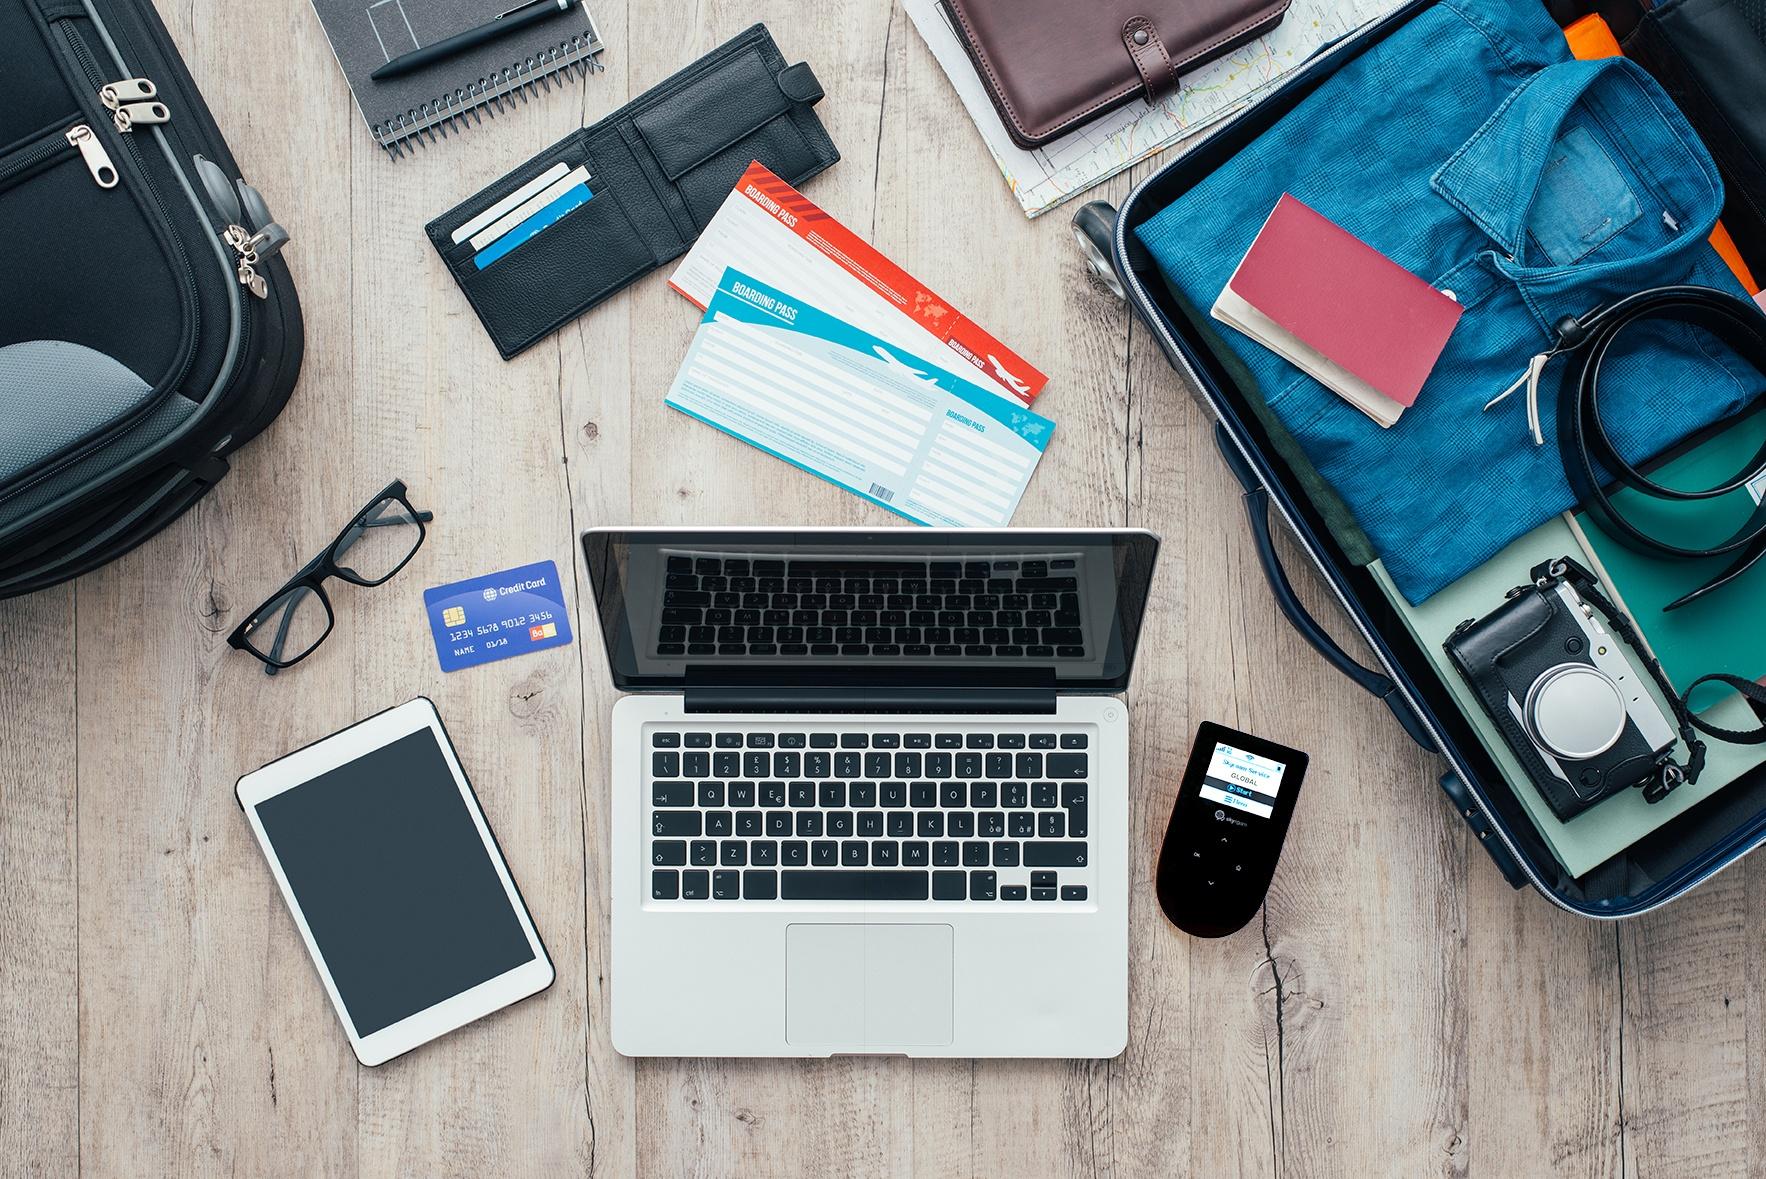 Skyroam_Global_WiFi_Hotspot_Business_Travel_Tips